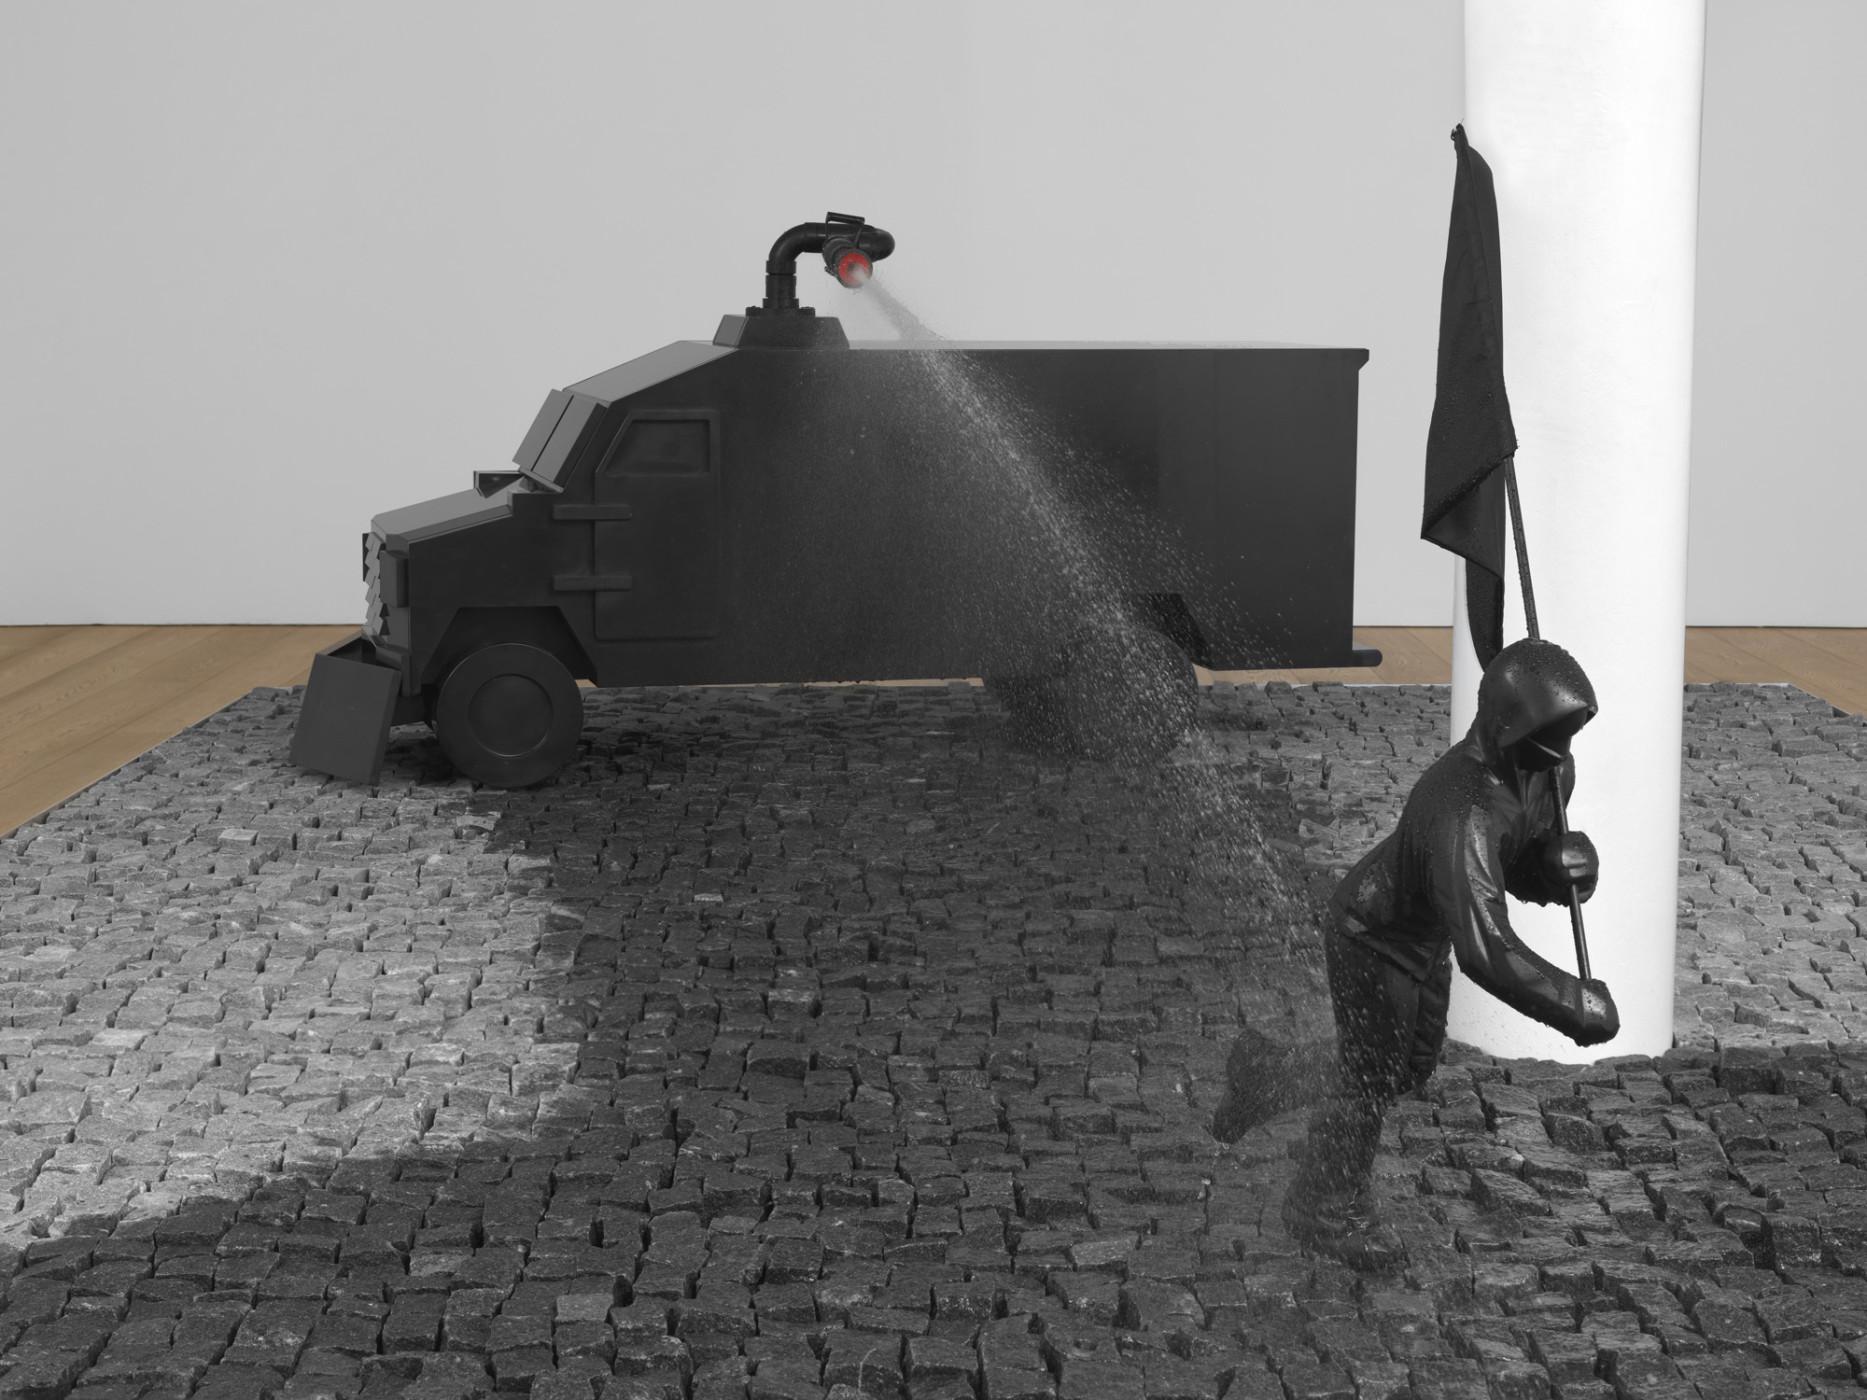 """<div class=""""artwork_caption""""><p>Proposal for Public Fountain (detail), 2013</p></div>"""